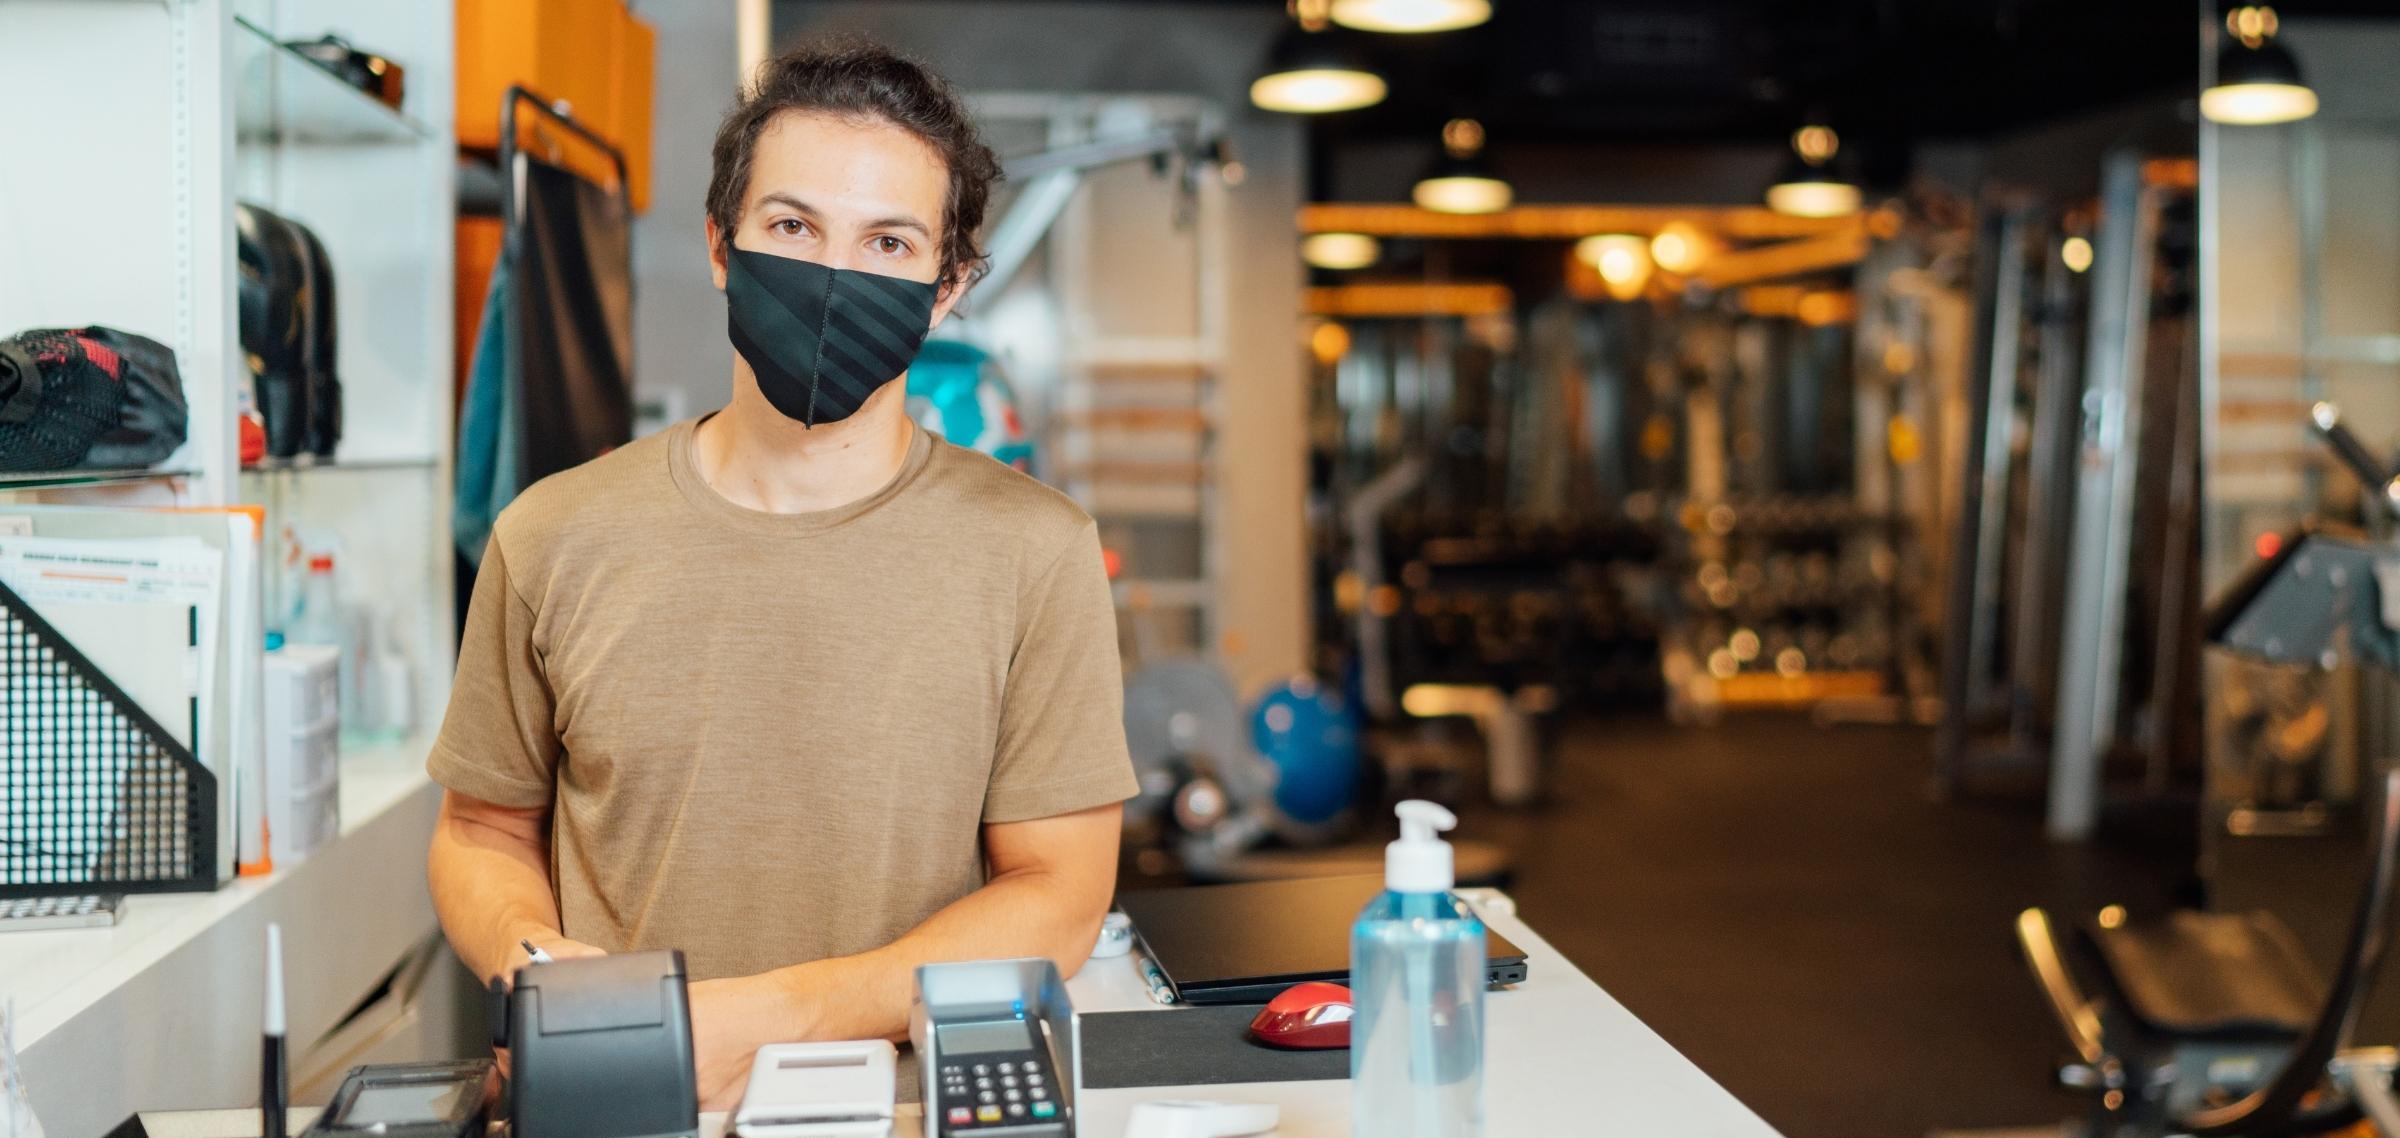 Mann mit Maske hinter Check-In-Schalter eines Studios - TSE Kasse für Studios und Sportstätten